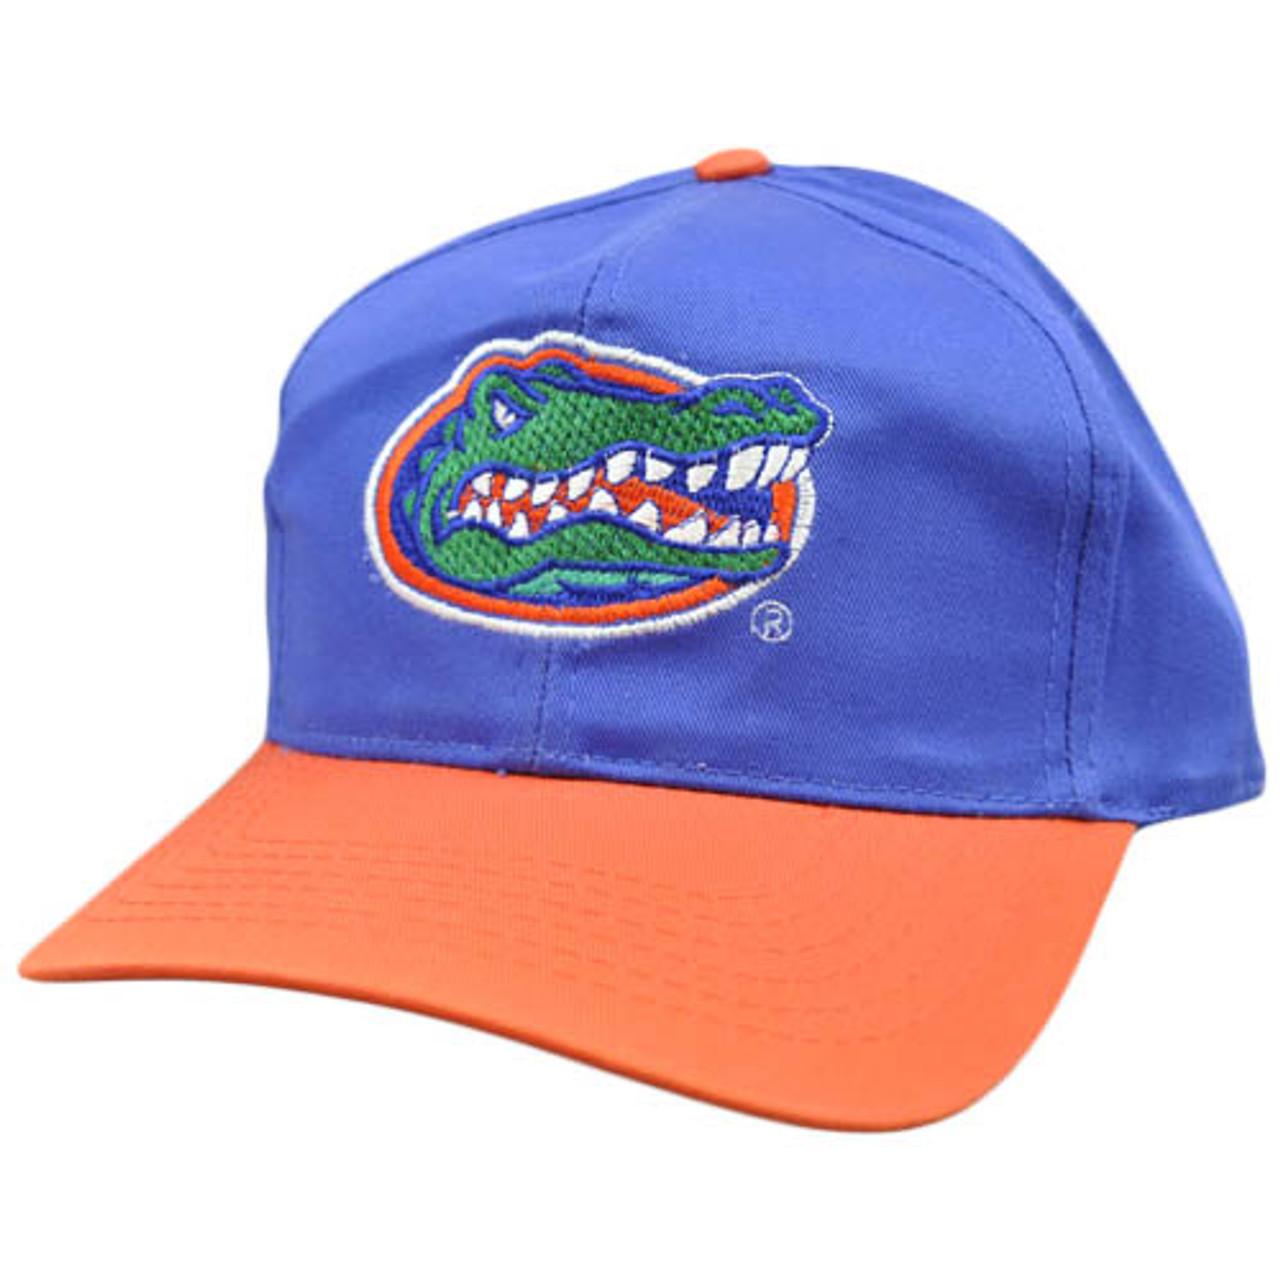 UNIVERSITY OF FLORIDA GATORS MASCOT TEXT LOGO SNAPBACK HAT CAP ADJUSTABLE RETRO